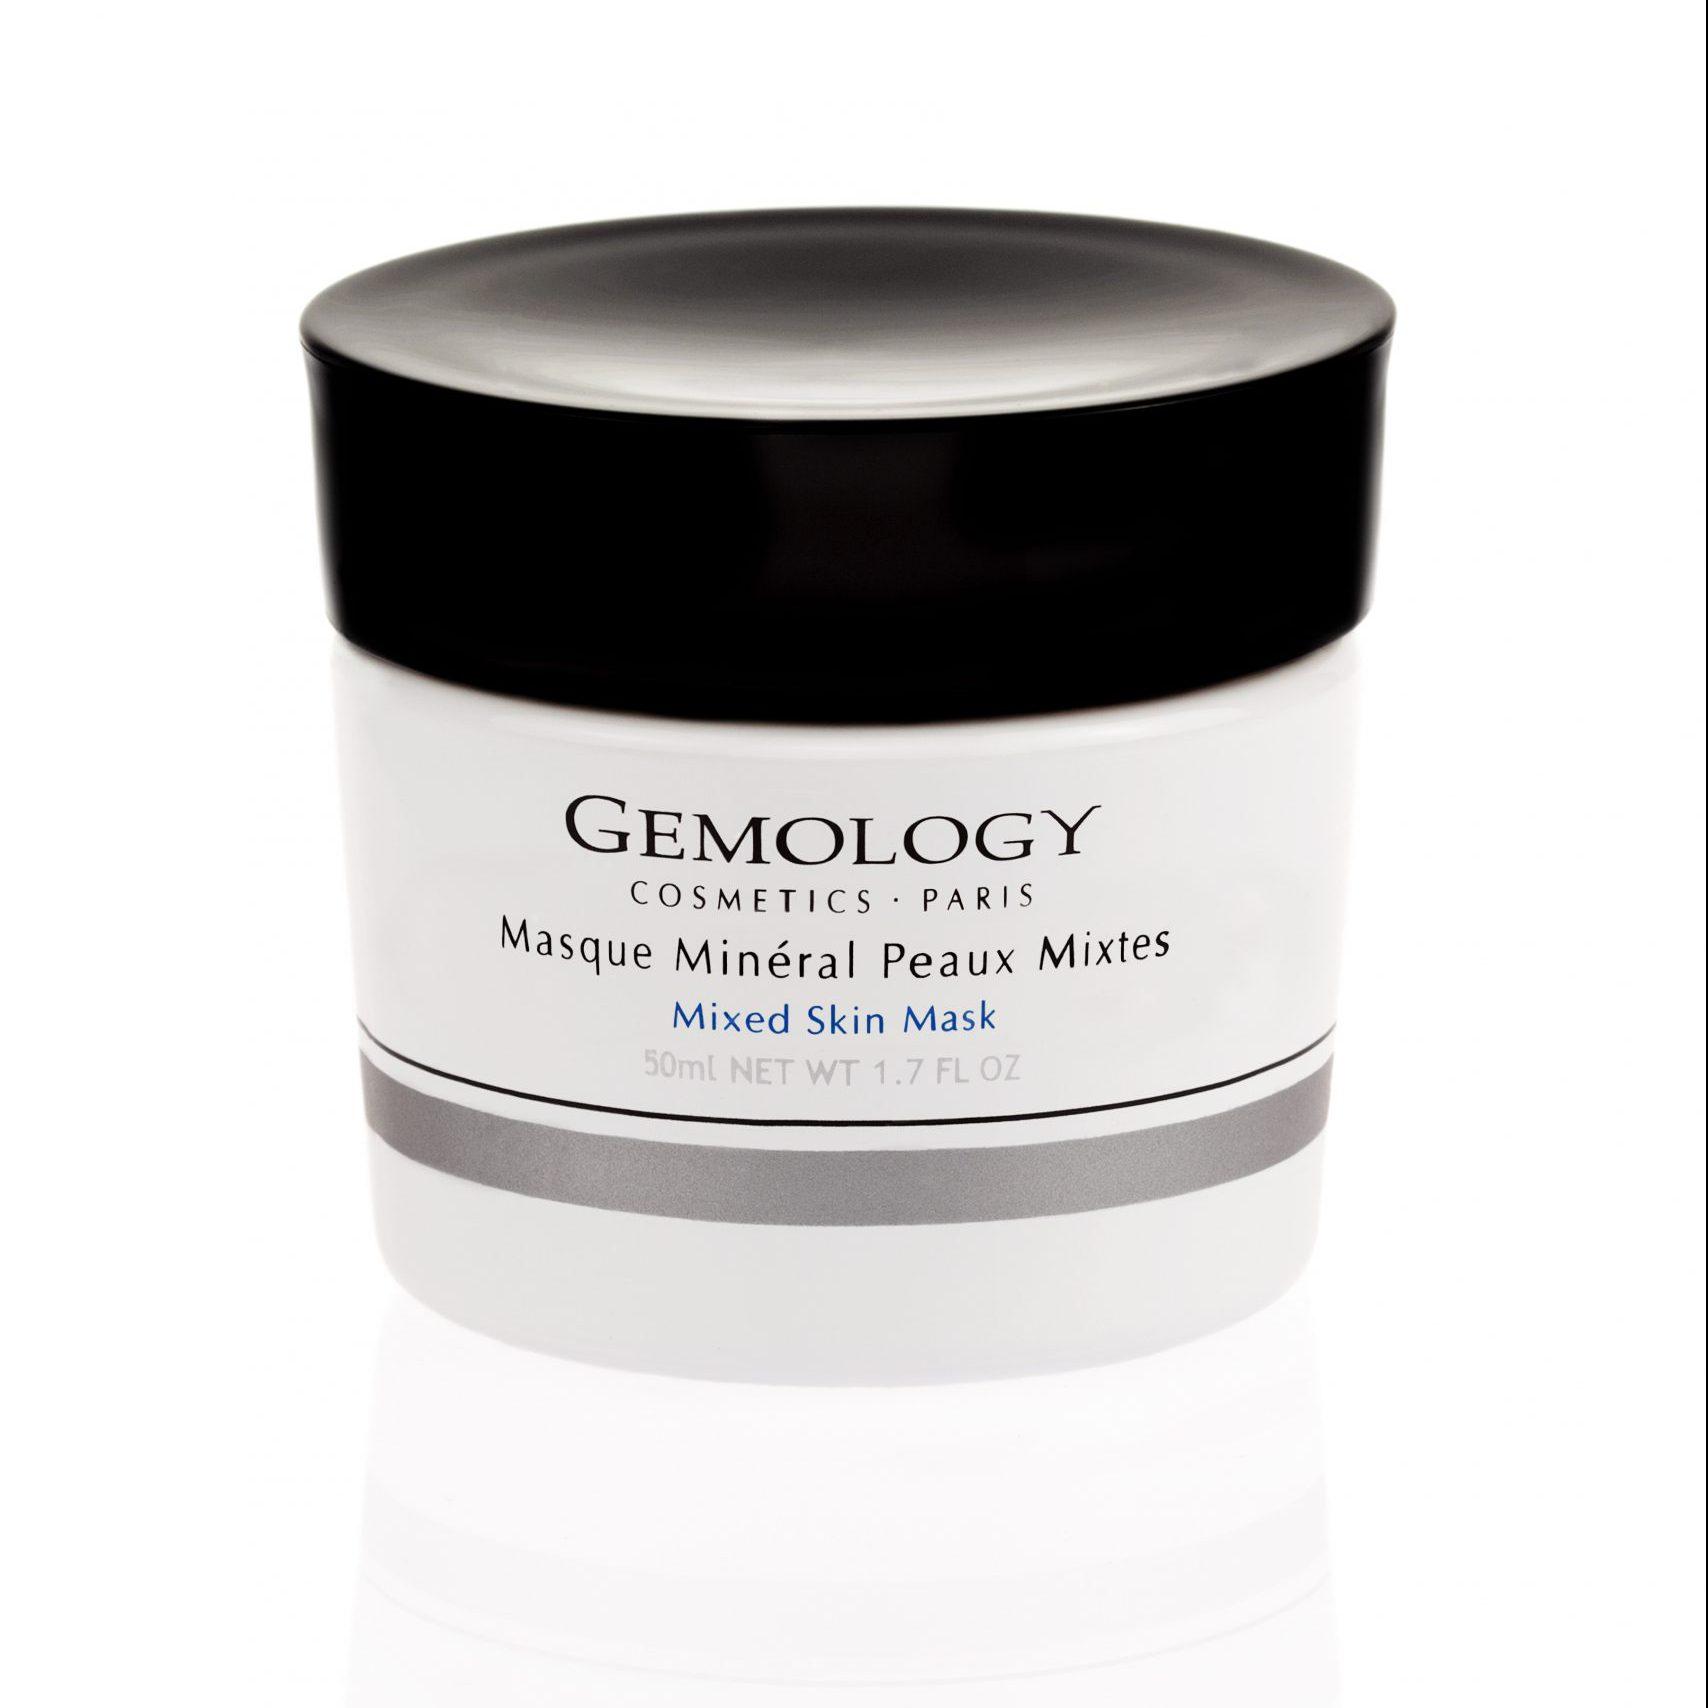 Masque Minéral Peaux Mixtes Maschera Minerale pelli miste